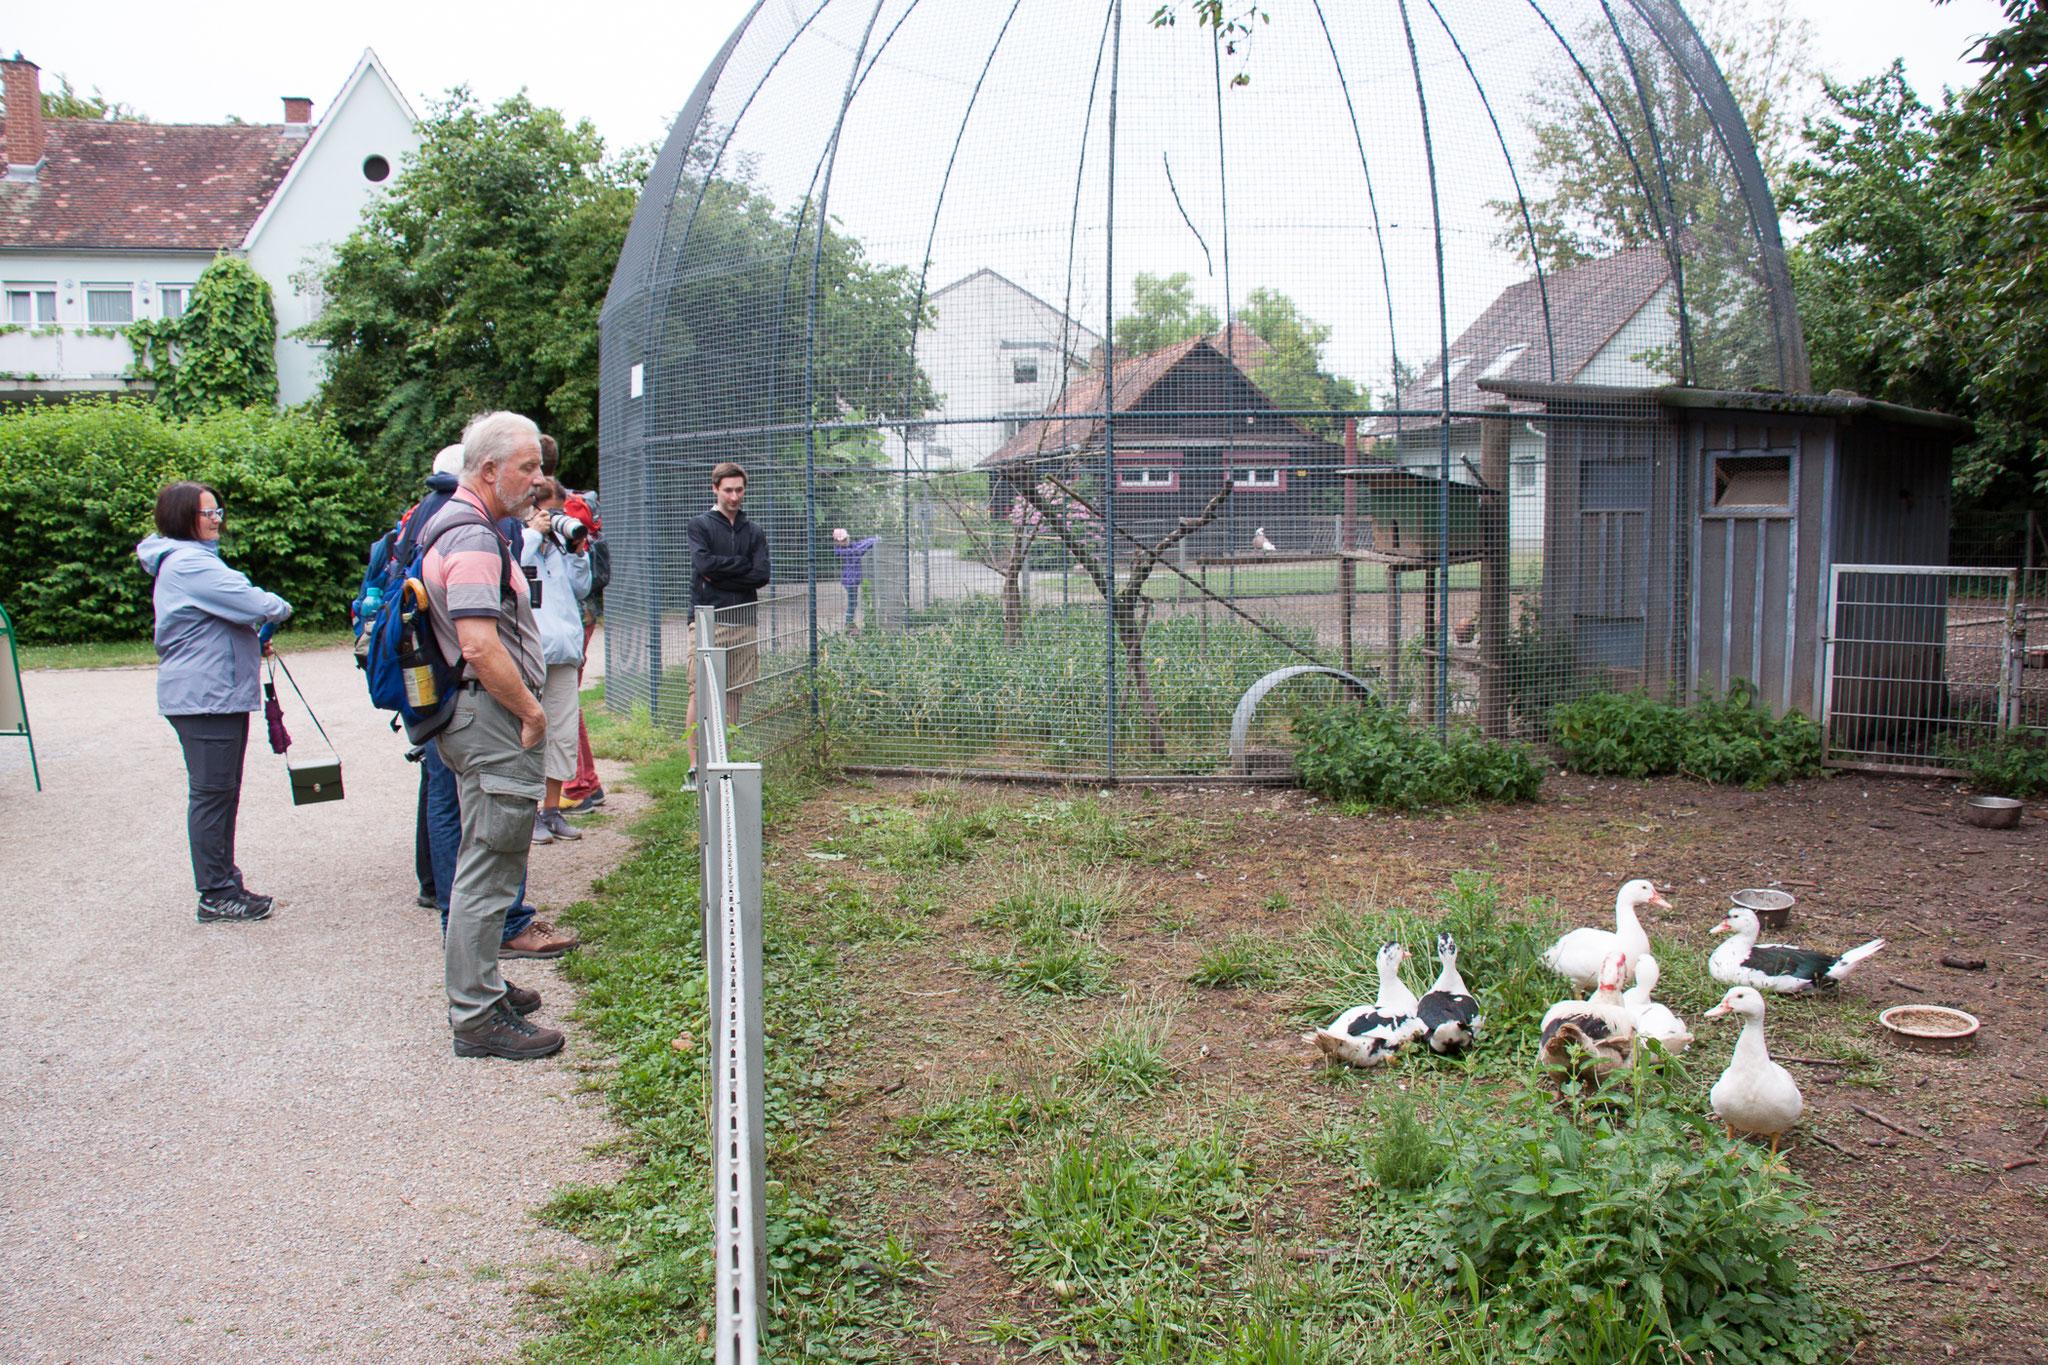 Enten und Tauben in der Voliere